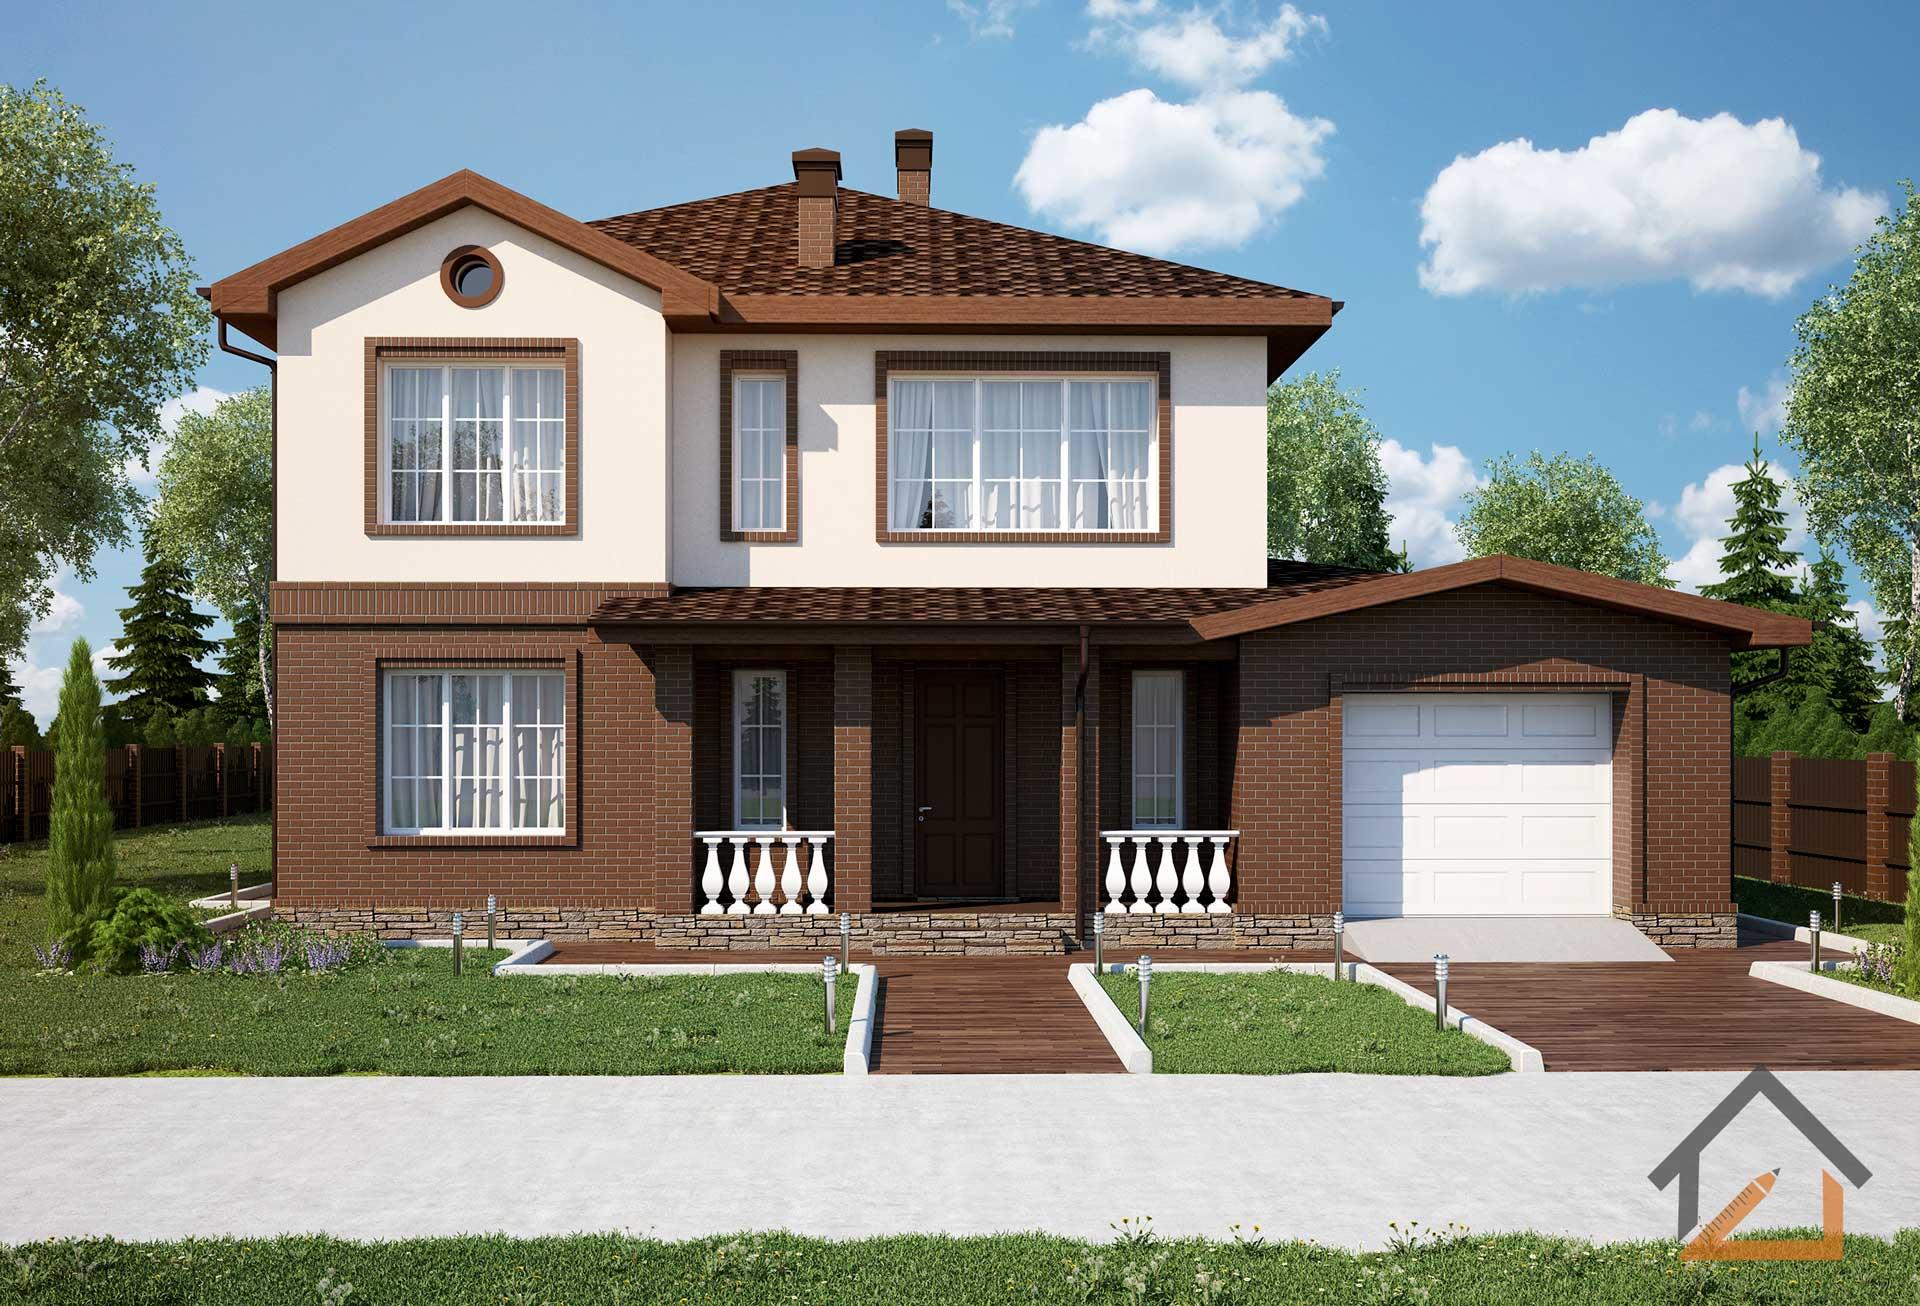 проекты двухэтажного дома с гаражом фото очень